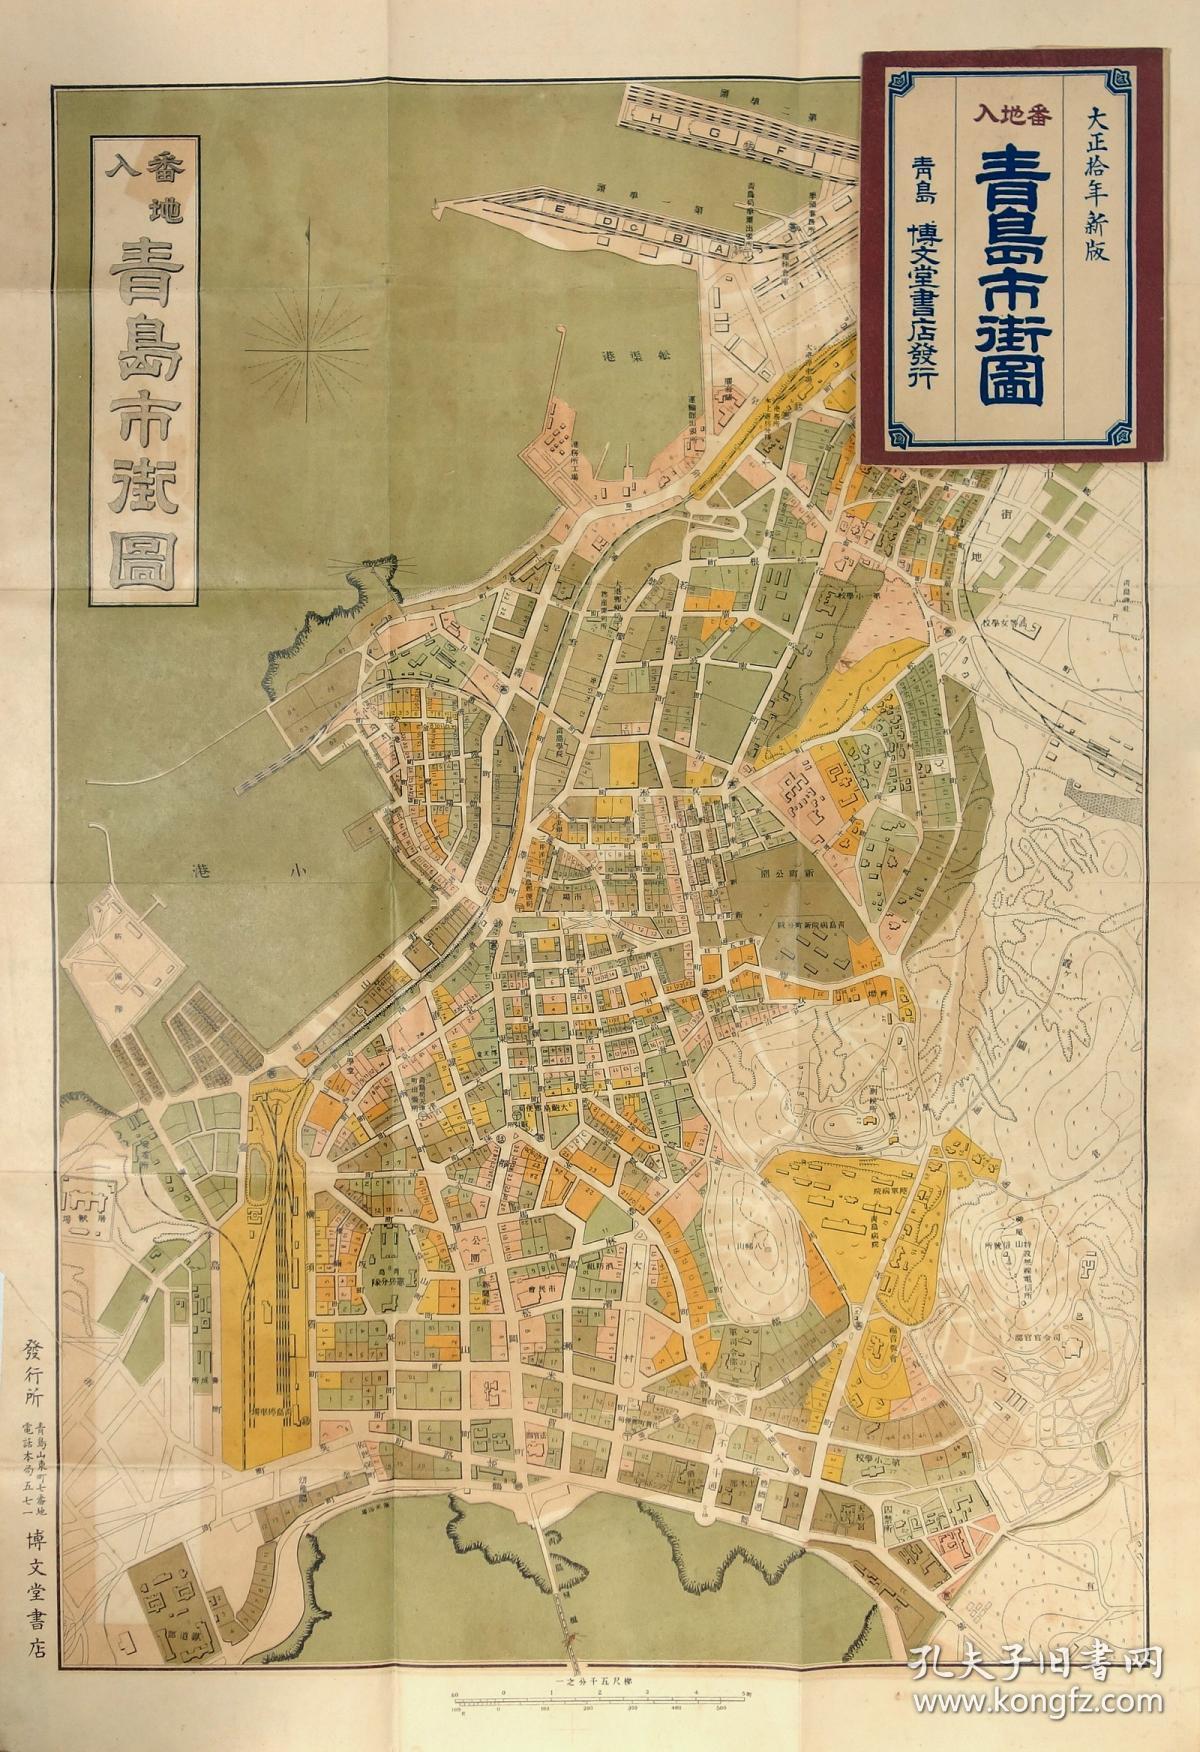 満洲帝国全図   280万分之1 77×55cm 康徳9